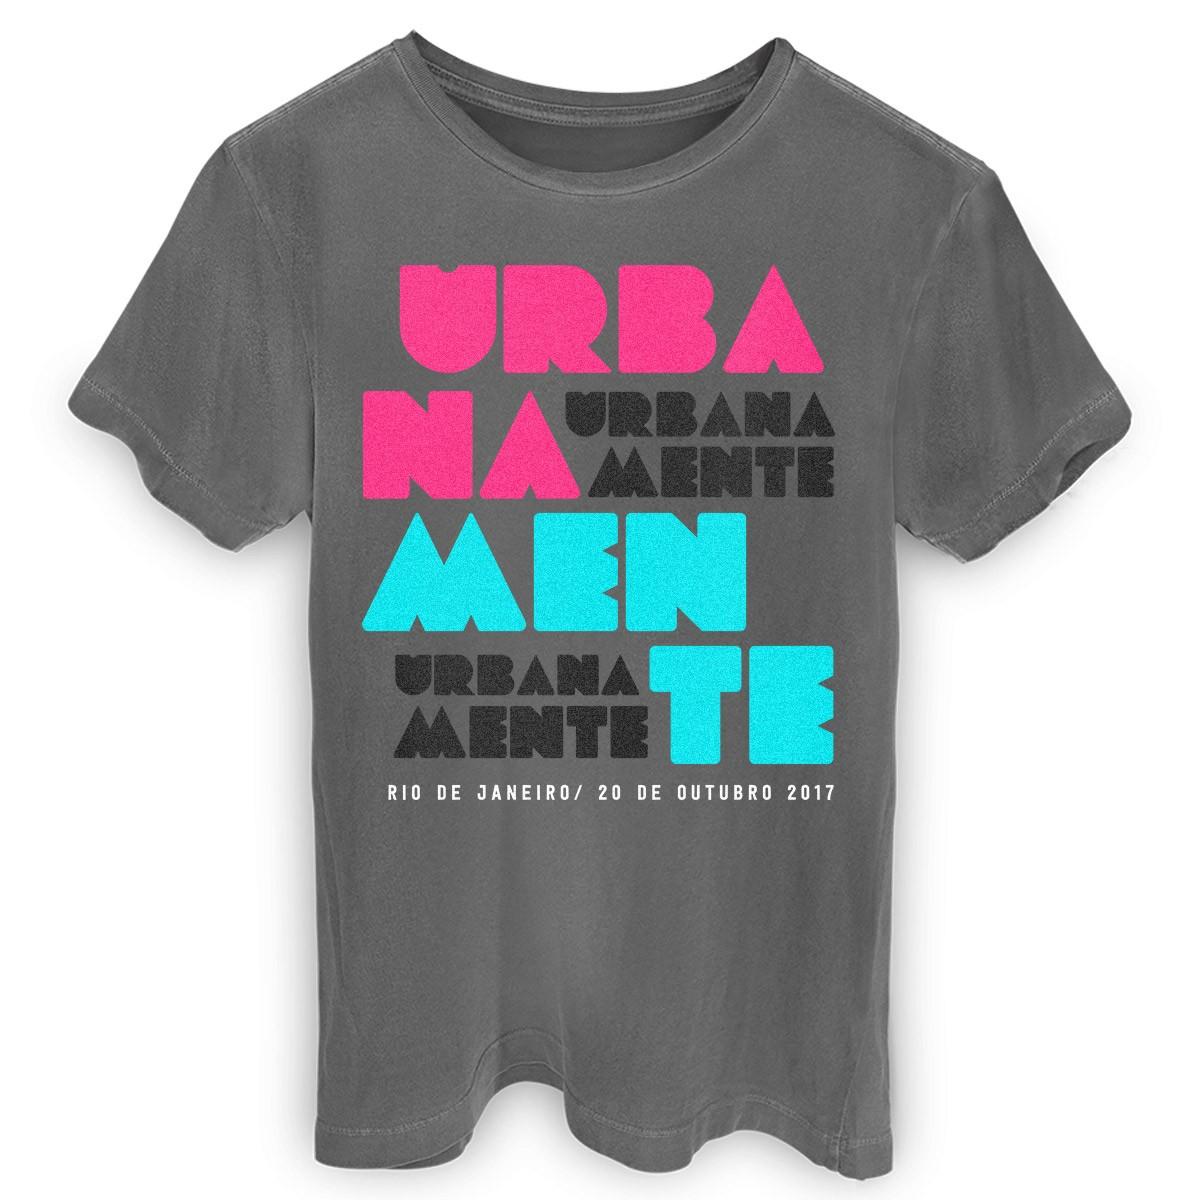 Camiseta Masculina urbanamente Date